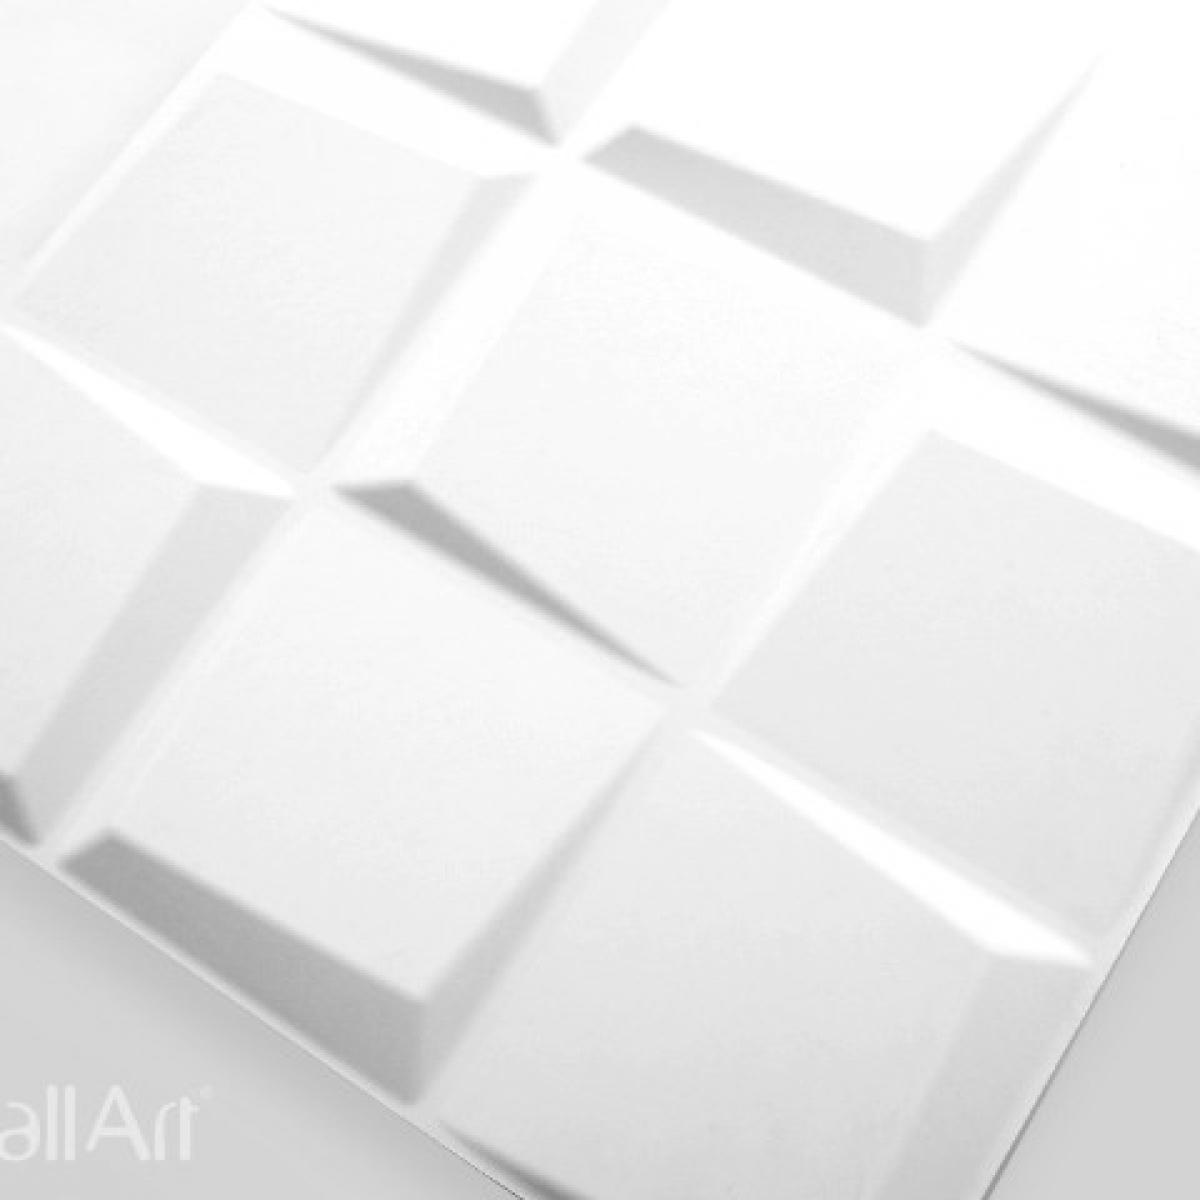 Panouri decorative 3D Oberon WallArt, 12 placi 50x50cm